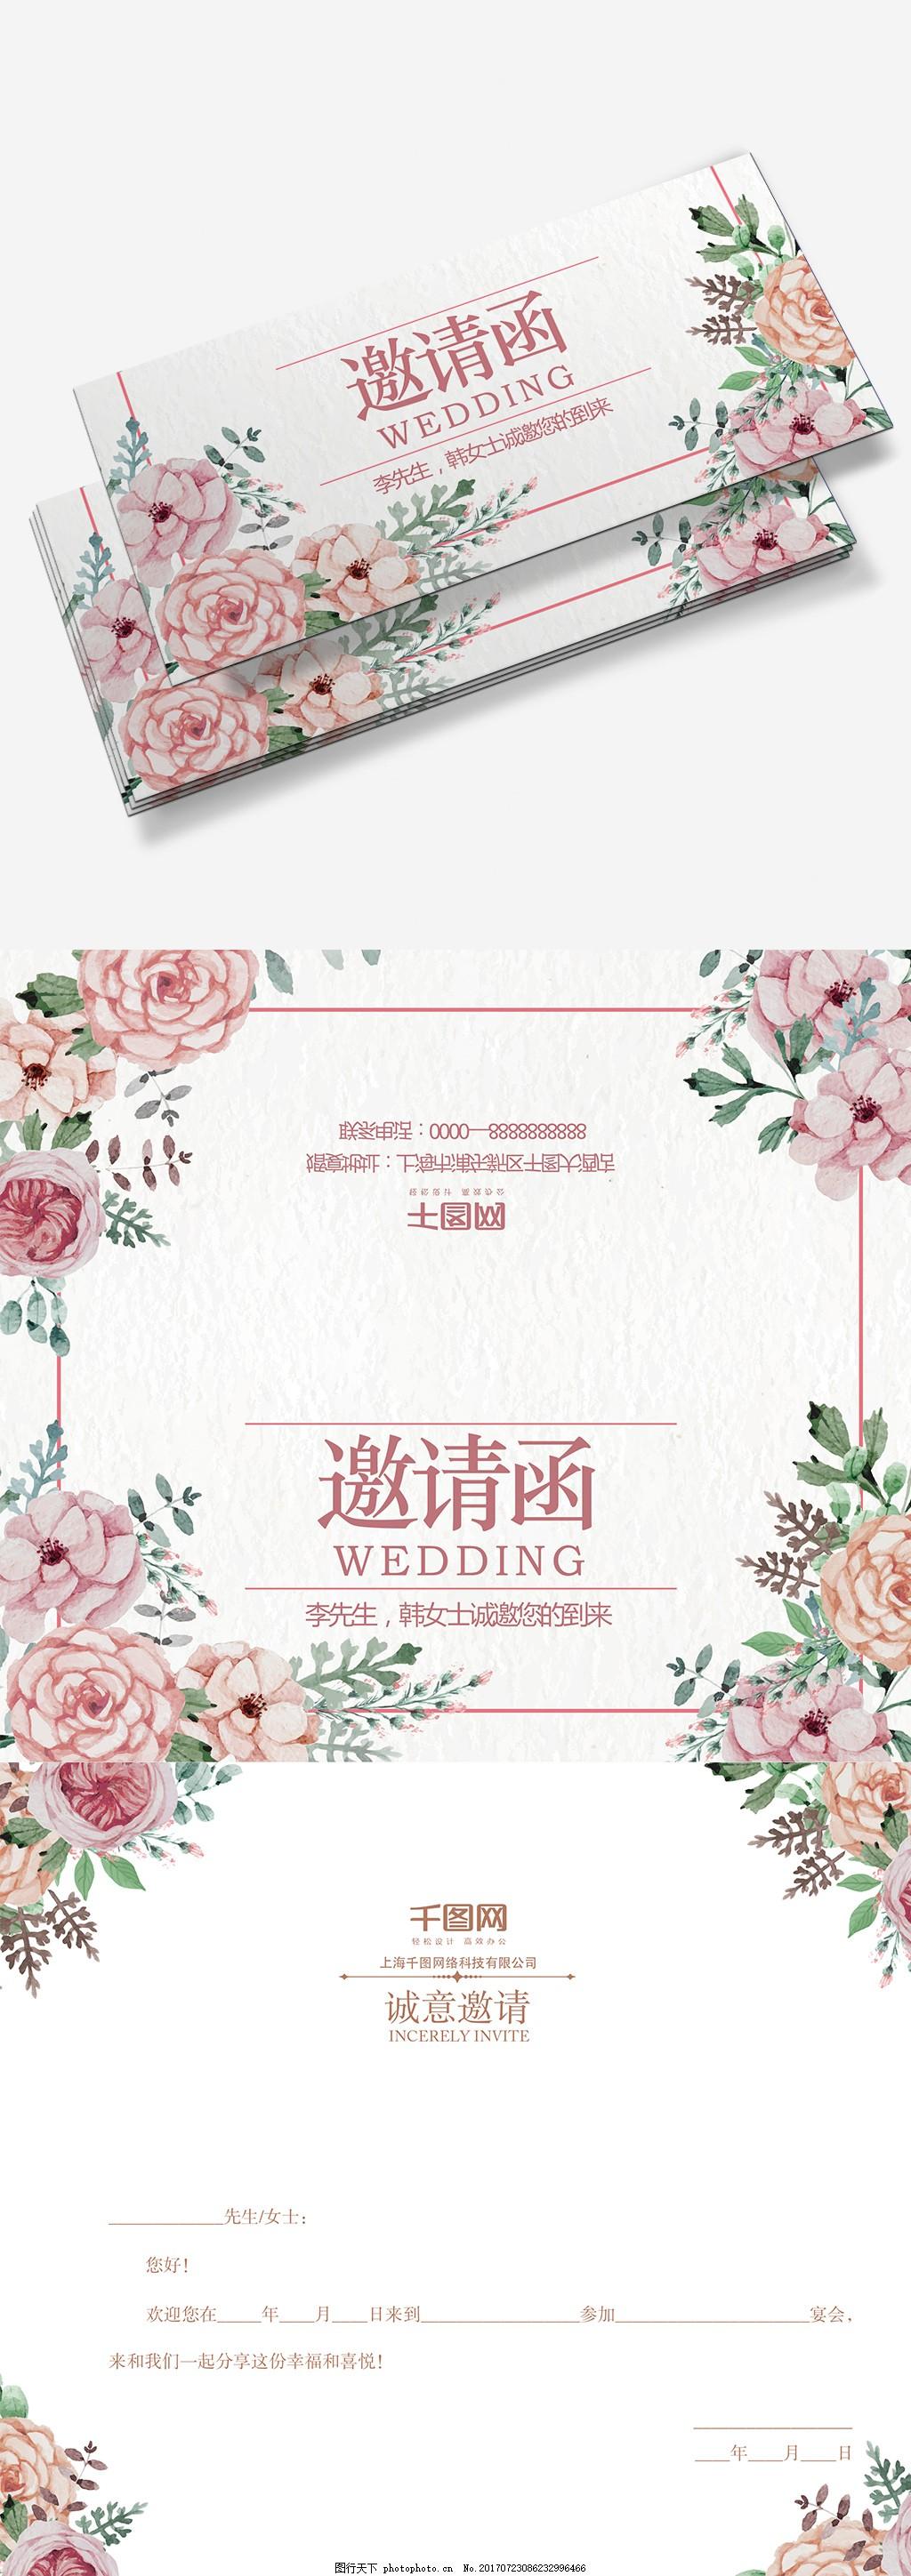 清新花边婚礼请柬邀请函模板设计 贺卡 请柬请帖 电子邀请函 企业邀请函